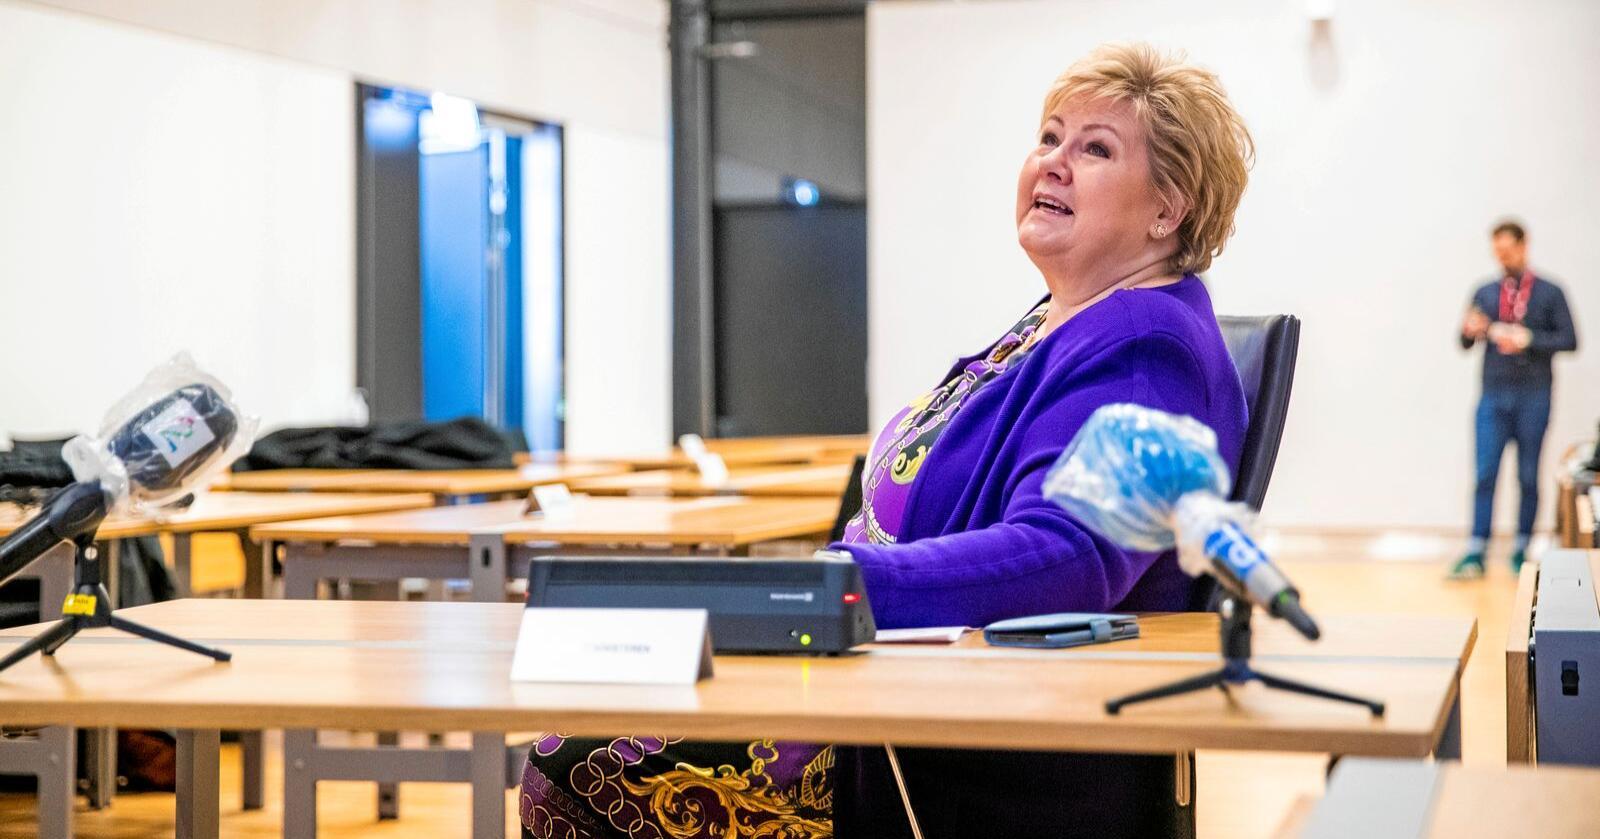 Statsminister Erna Solberg og Høyre opplever framgang på Norstats gallup etter utbruddet av koronaviruset i Norge. Foto: Håkon Mosvold Larsen / NTB scanpix